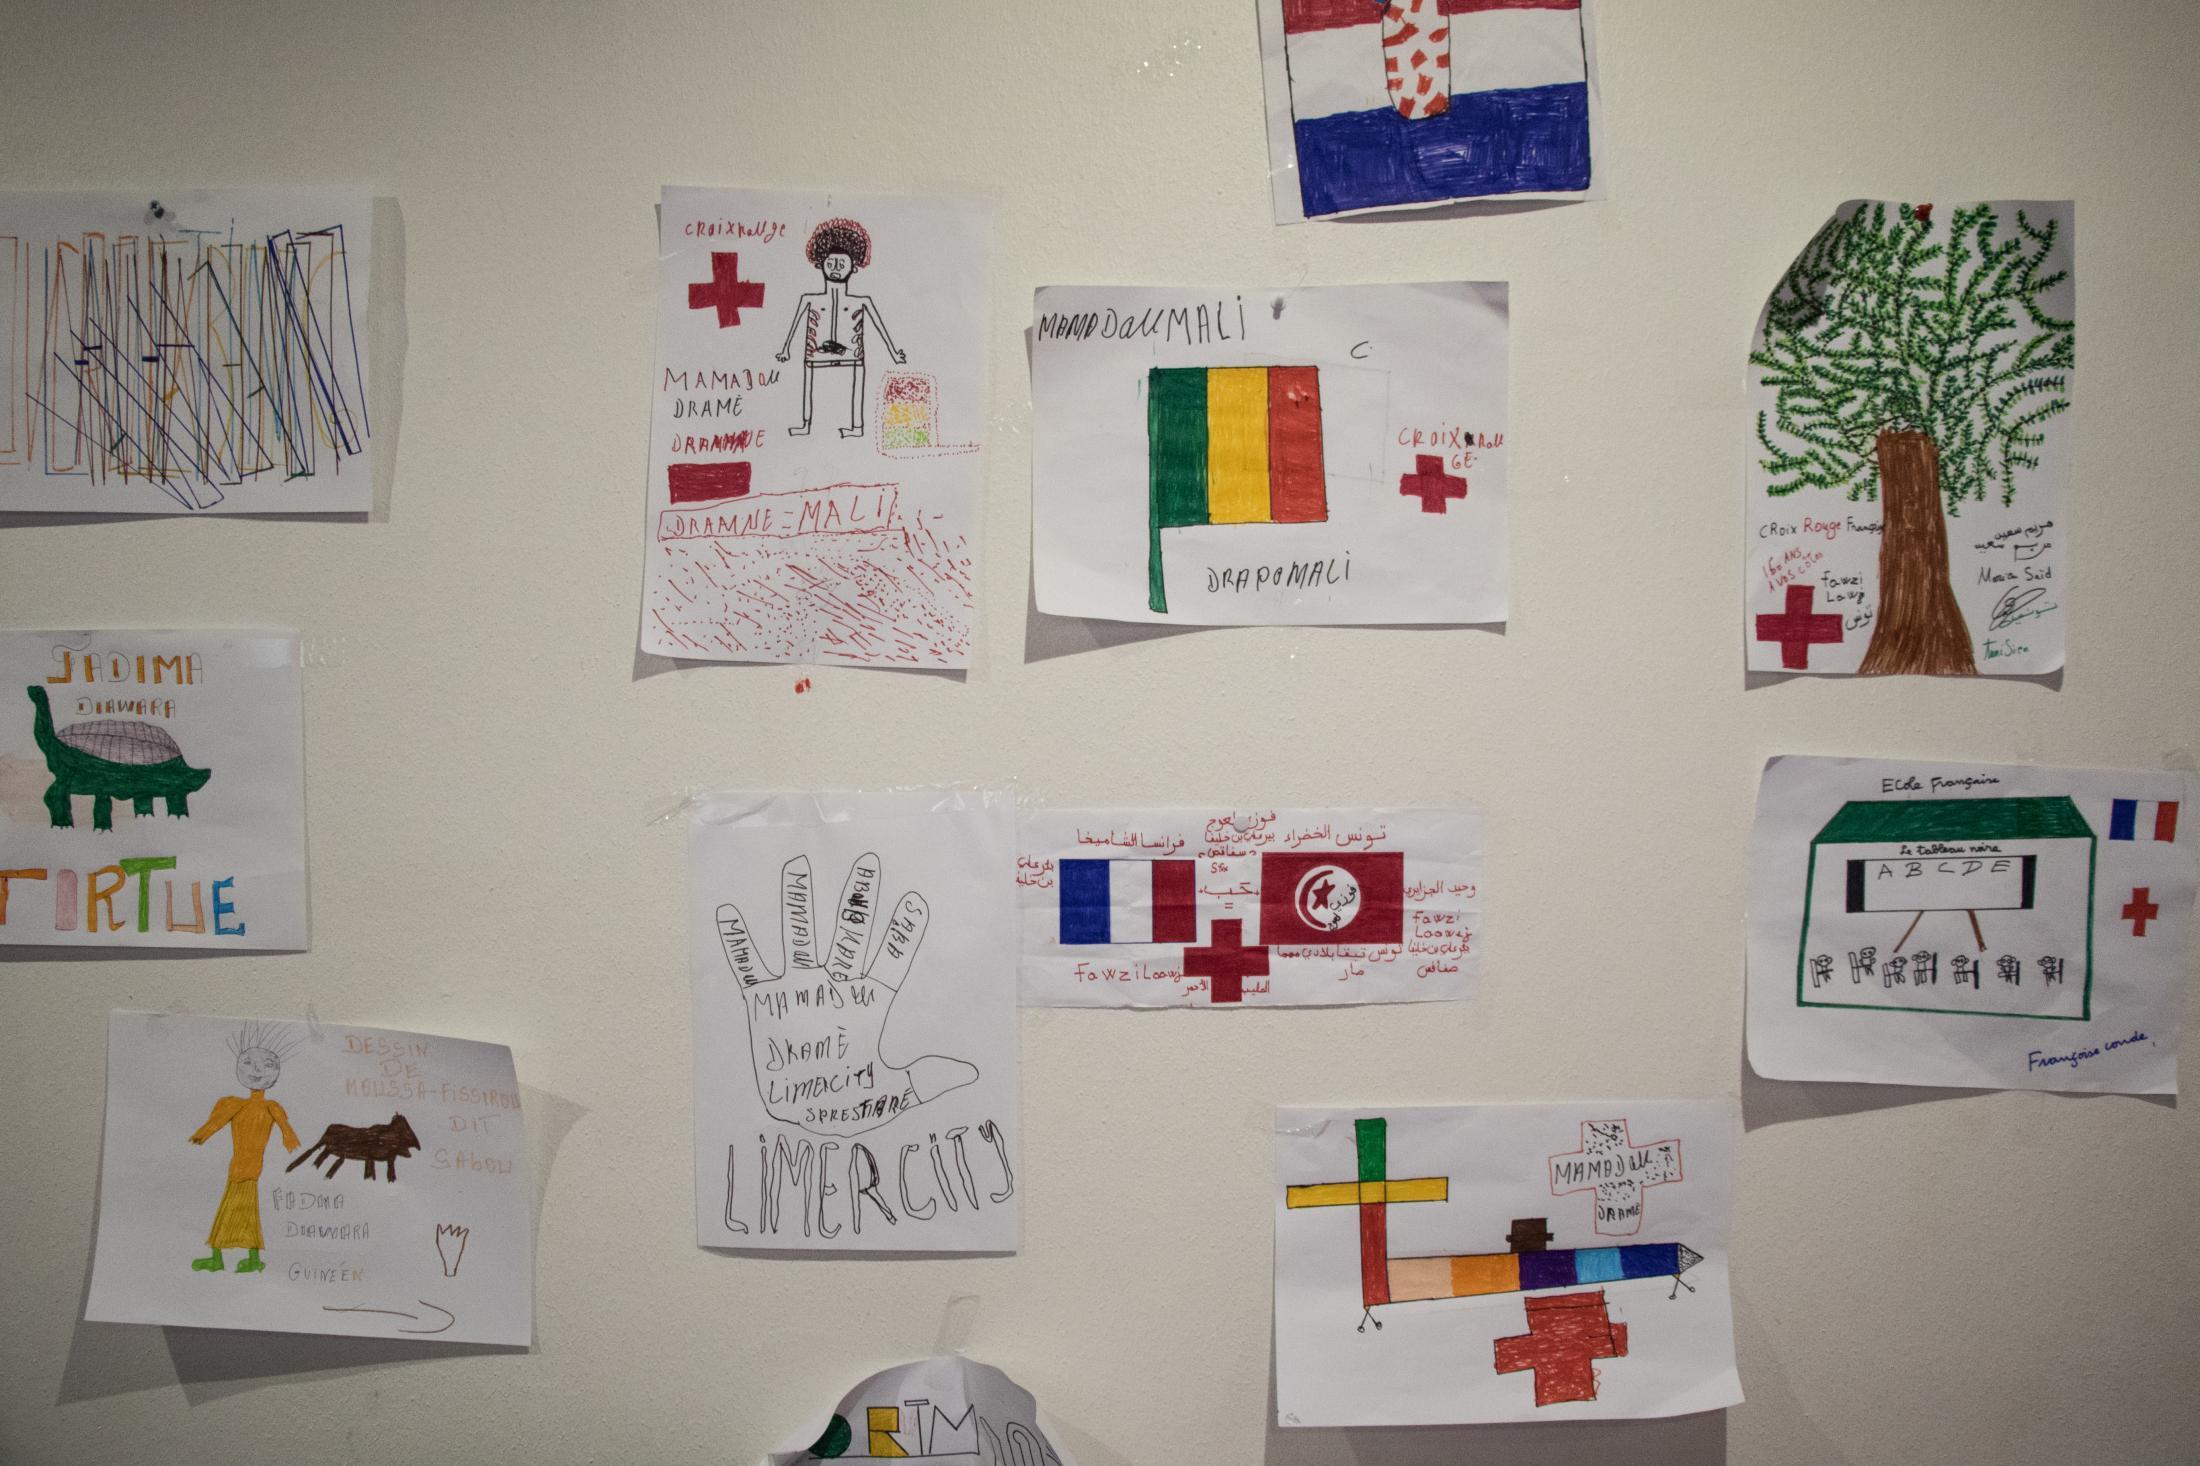 Dessins affichés dans la salle d'attente du DEMIE 75, produits par les mineurs avec des animateurs.